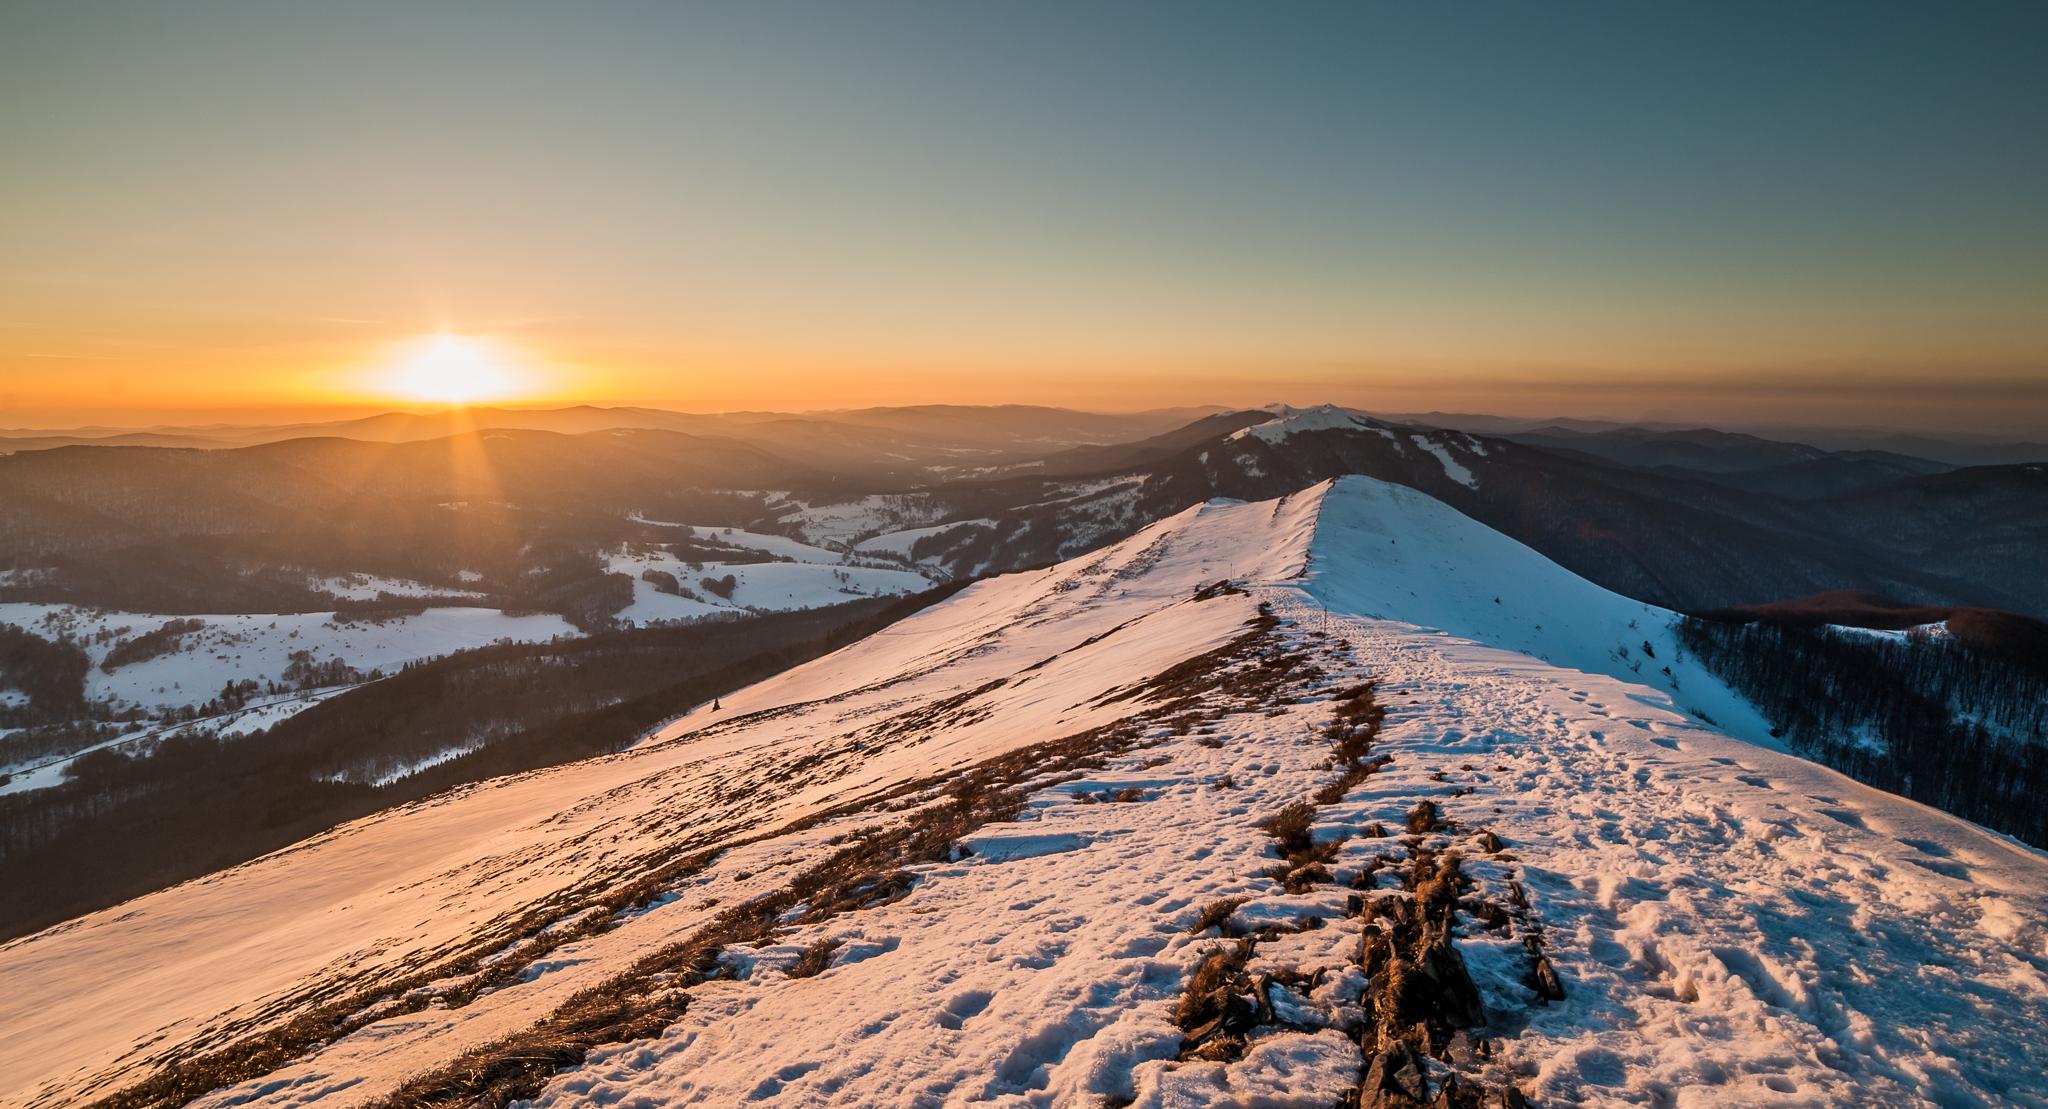 Zimowy zachód słońca obserwowany z Połoniny Caryńskiej, zdj. Szymon Ziemba Fotografia